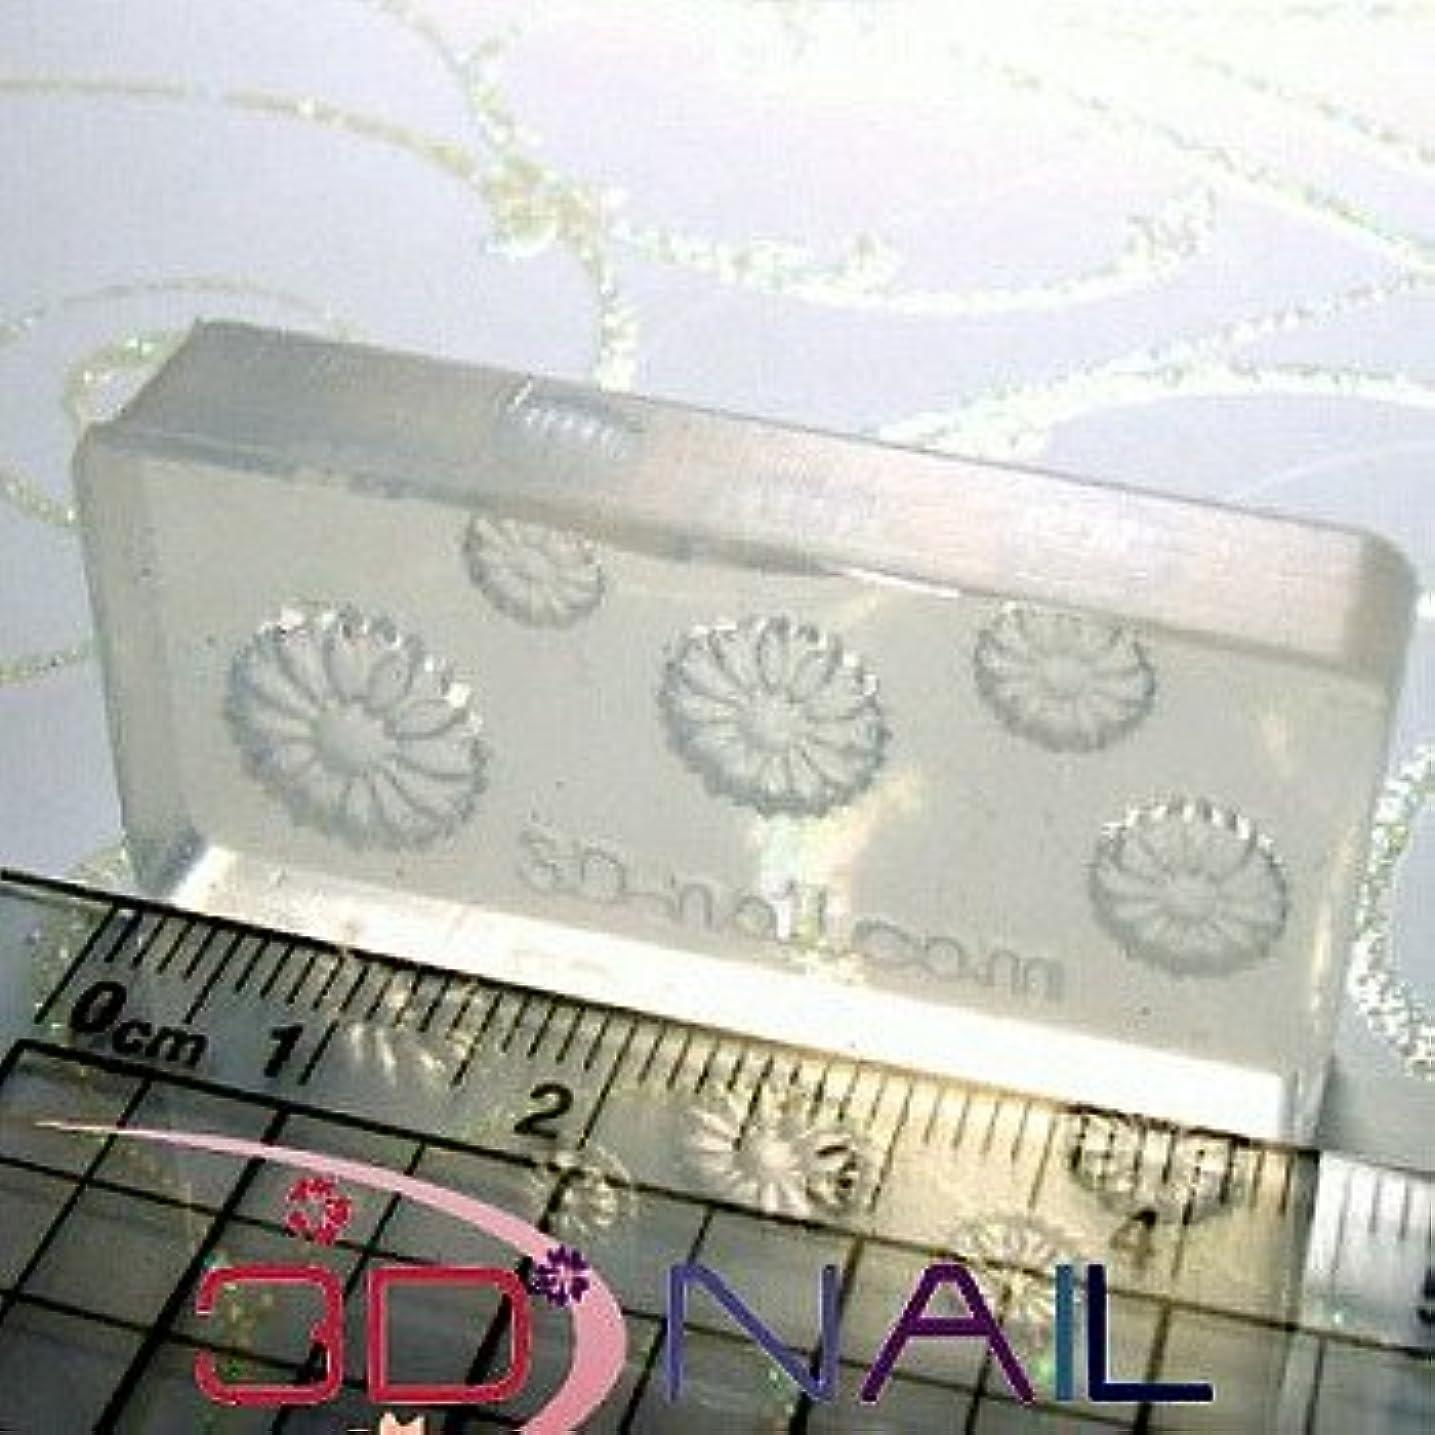 盆初期神経3Dシリコンモールド 自分でできる3Dネイル ネイルアート3D シリコン型 アクリルパウダーやジェルで簡単に!